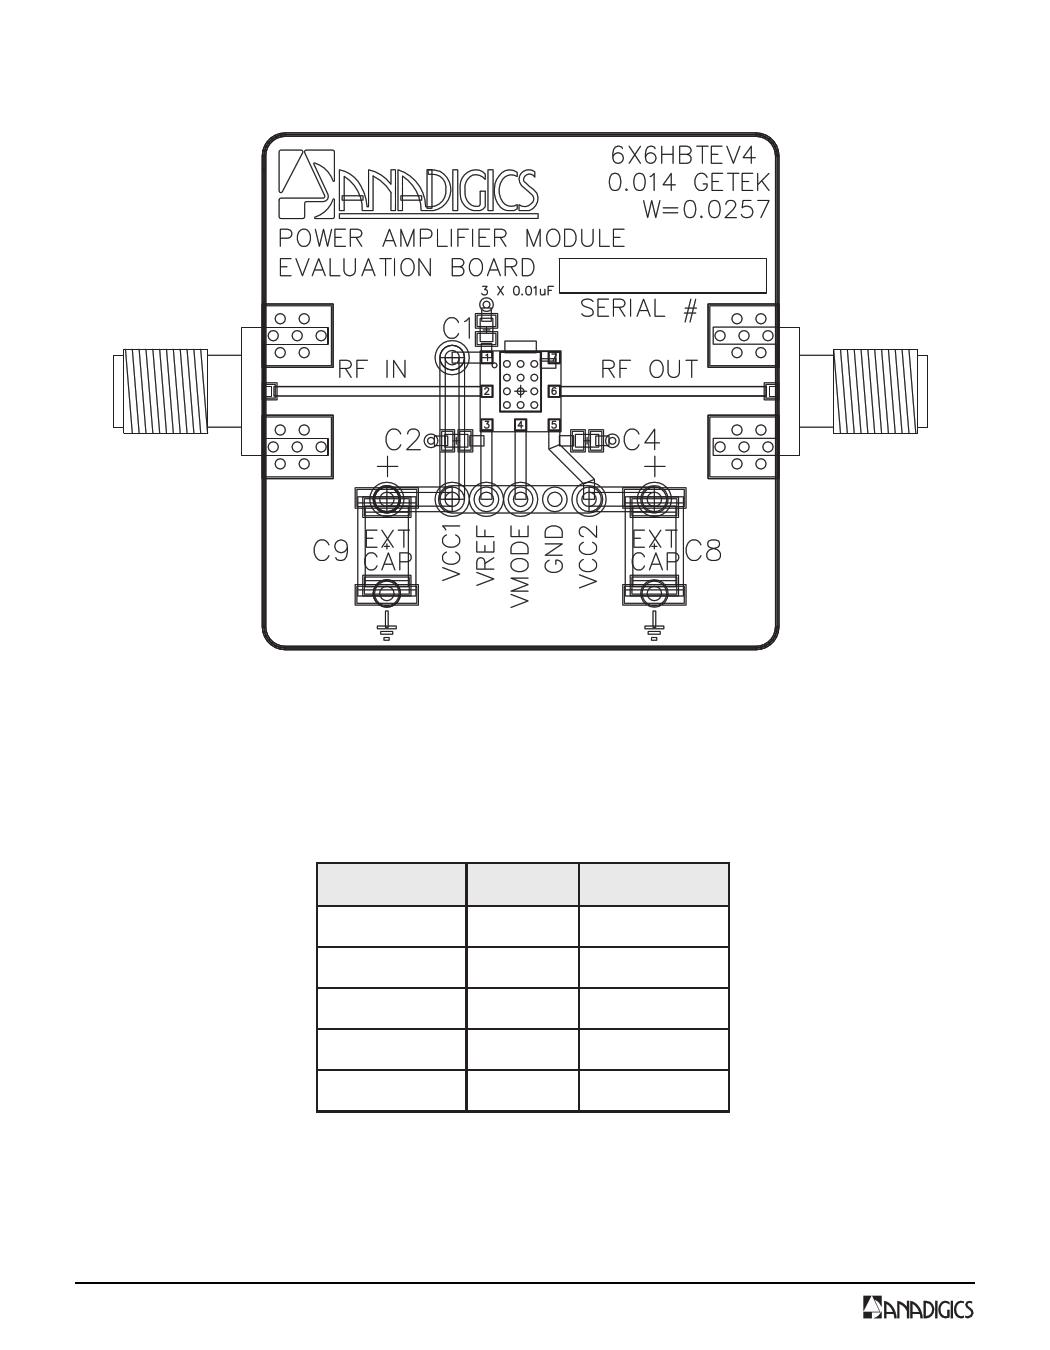 AWT6111 pdf, schematic